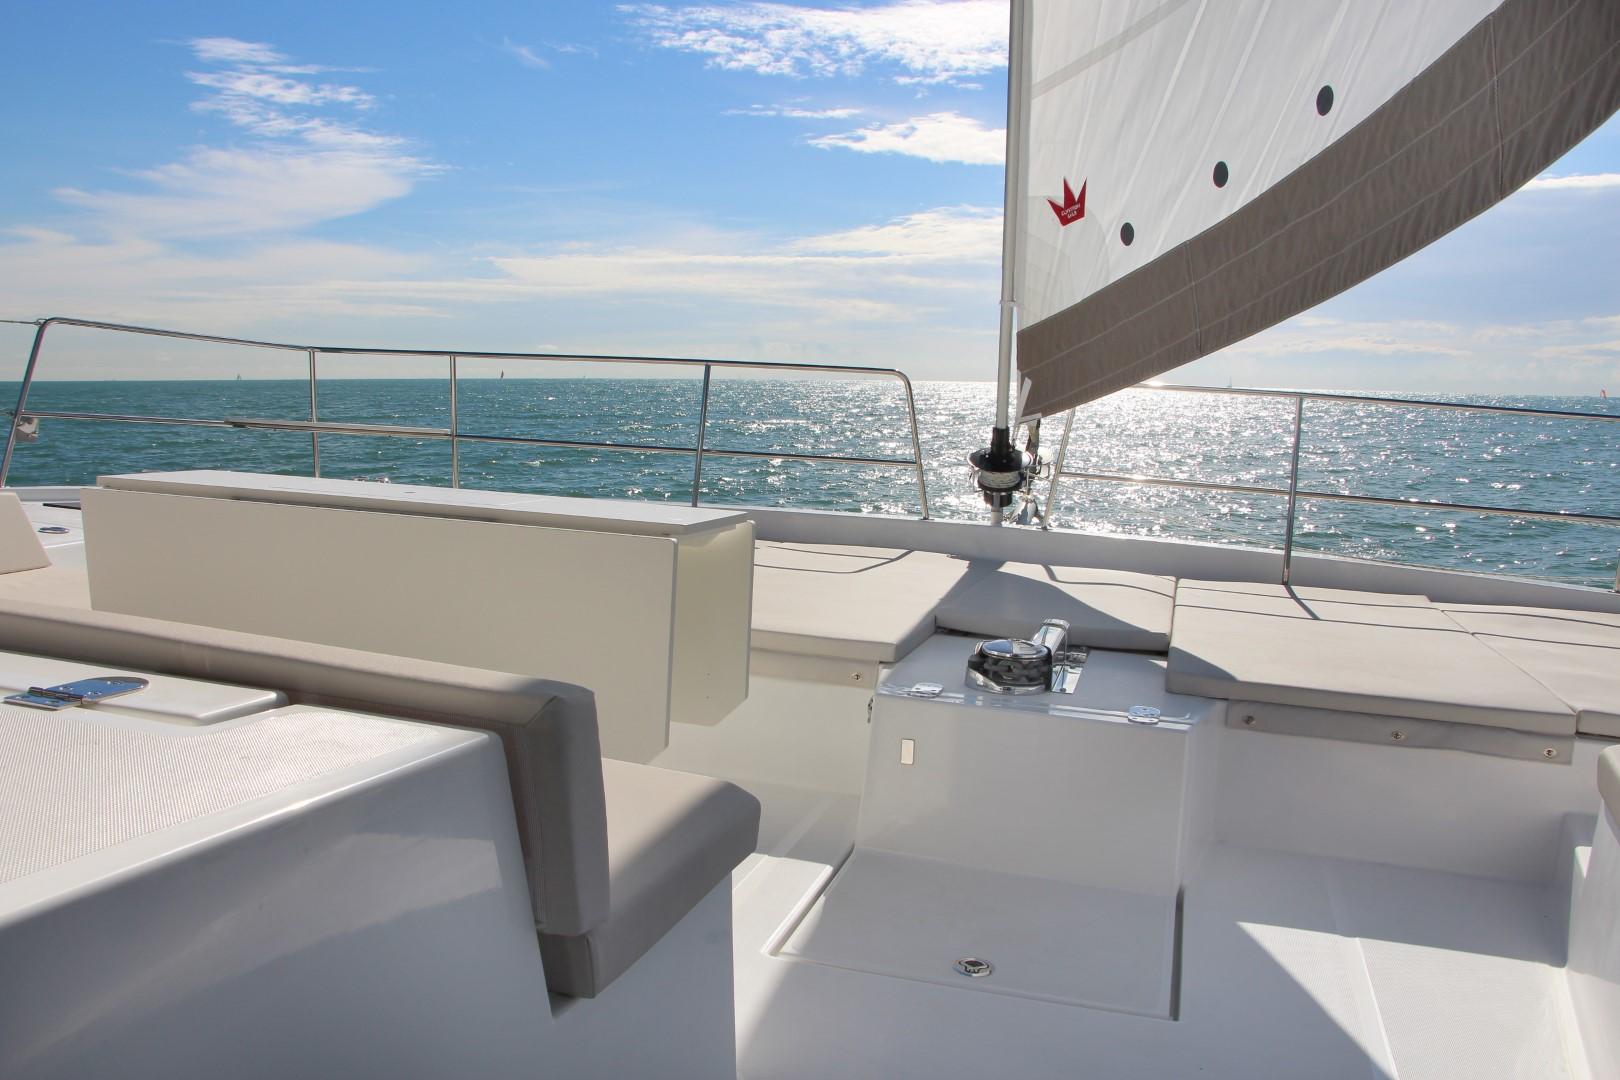 bali-5.4-catamaran-sailing-yacht-charter-boat-3